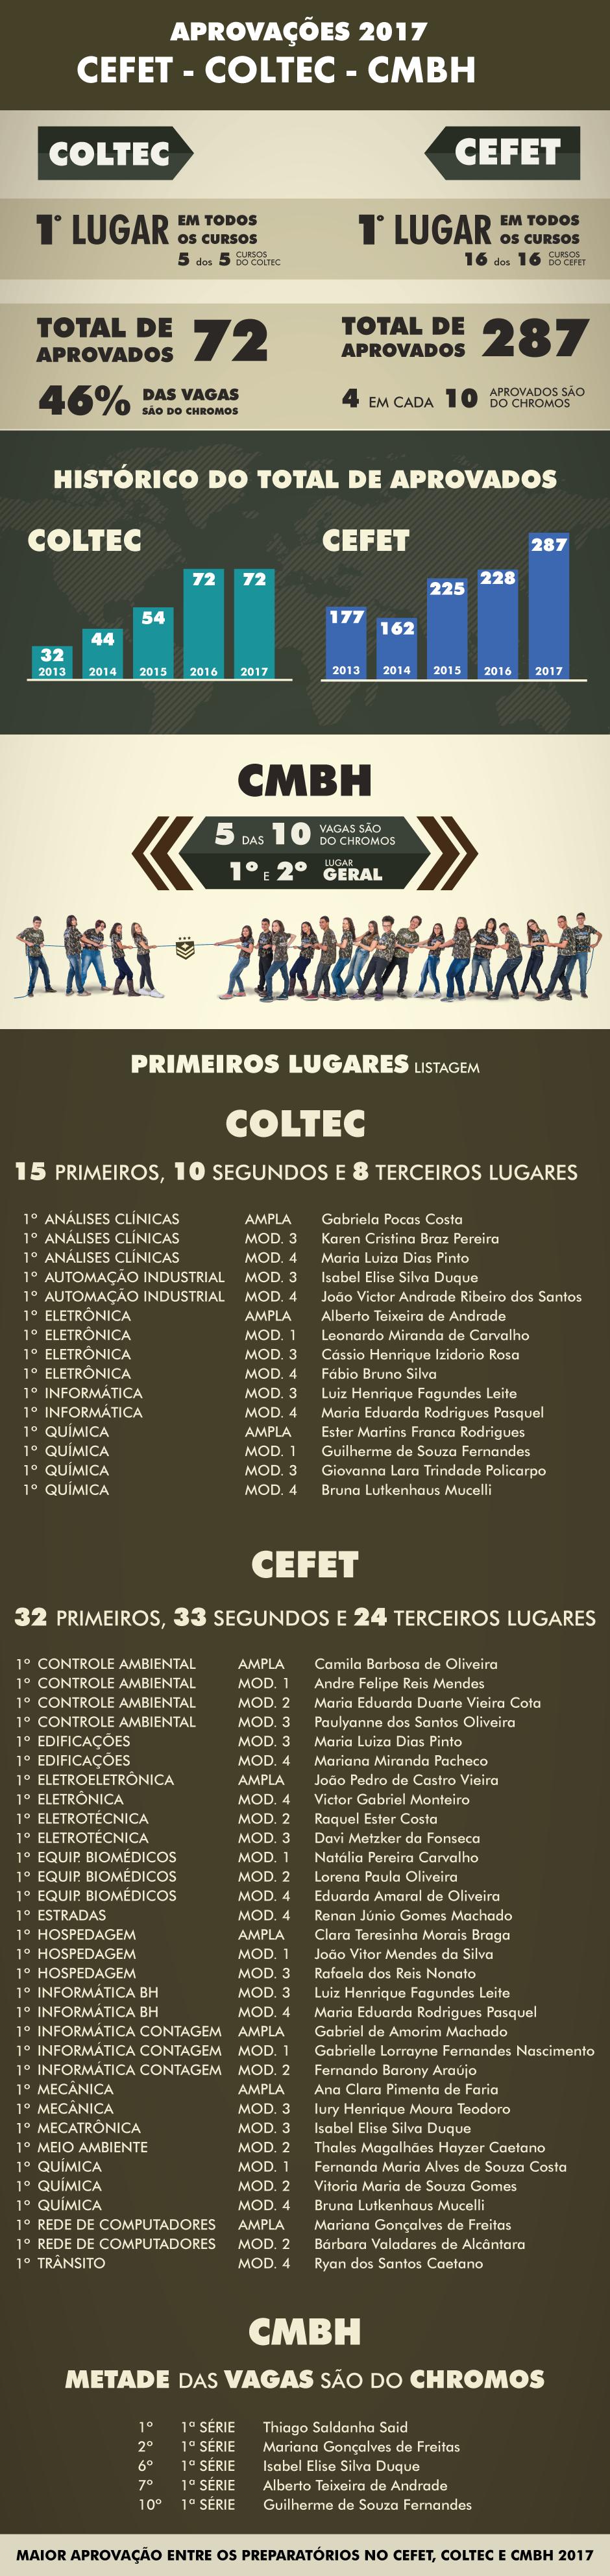 19-01-17-Aprovacoes-Cefet-Coltec-CMBH